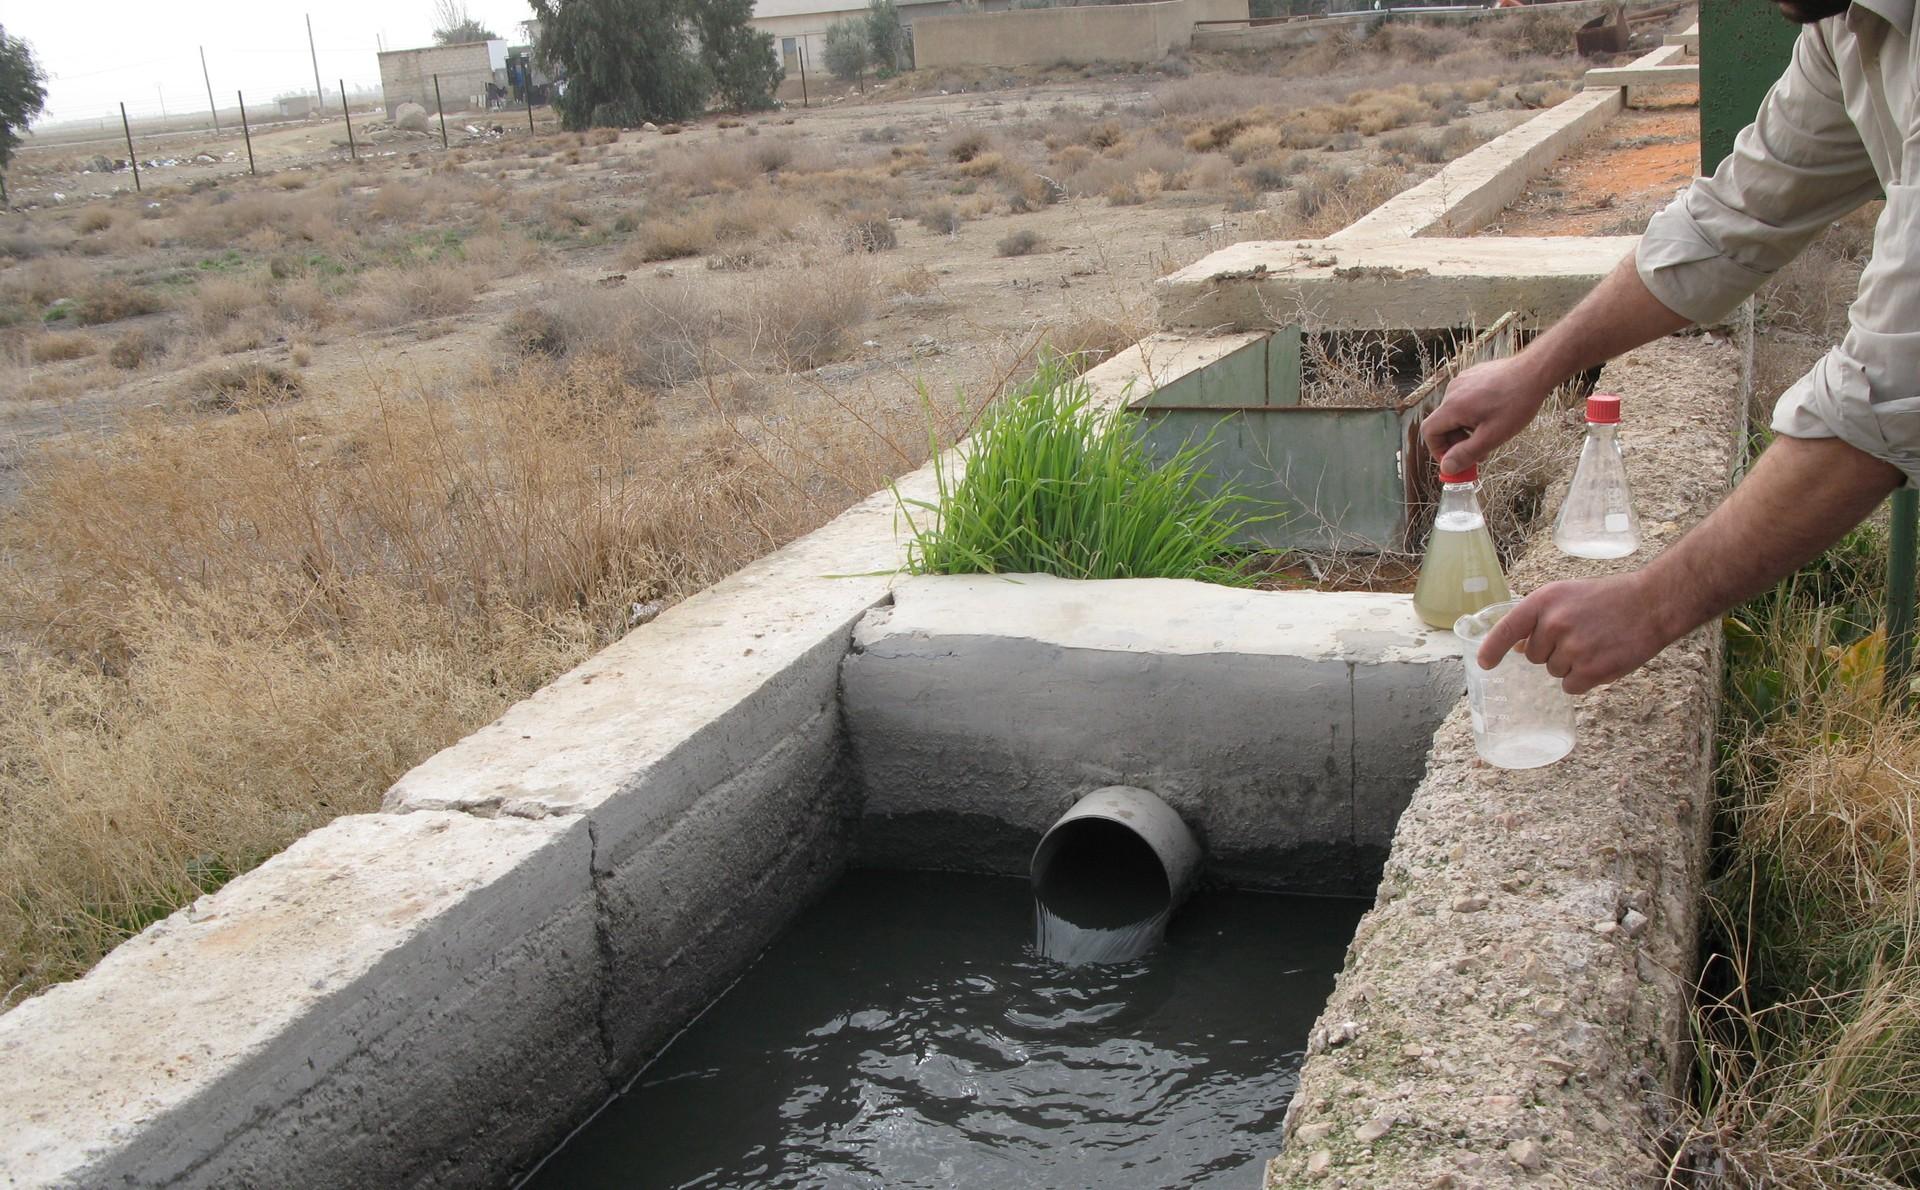 Wasseraufbereitung in Syrien